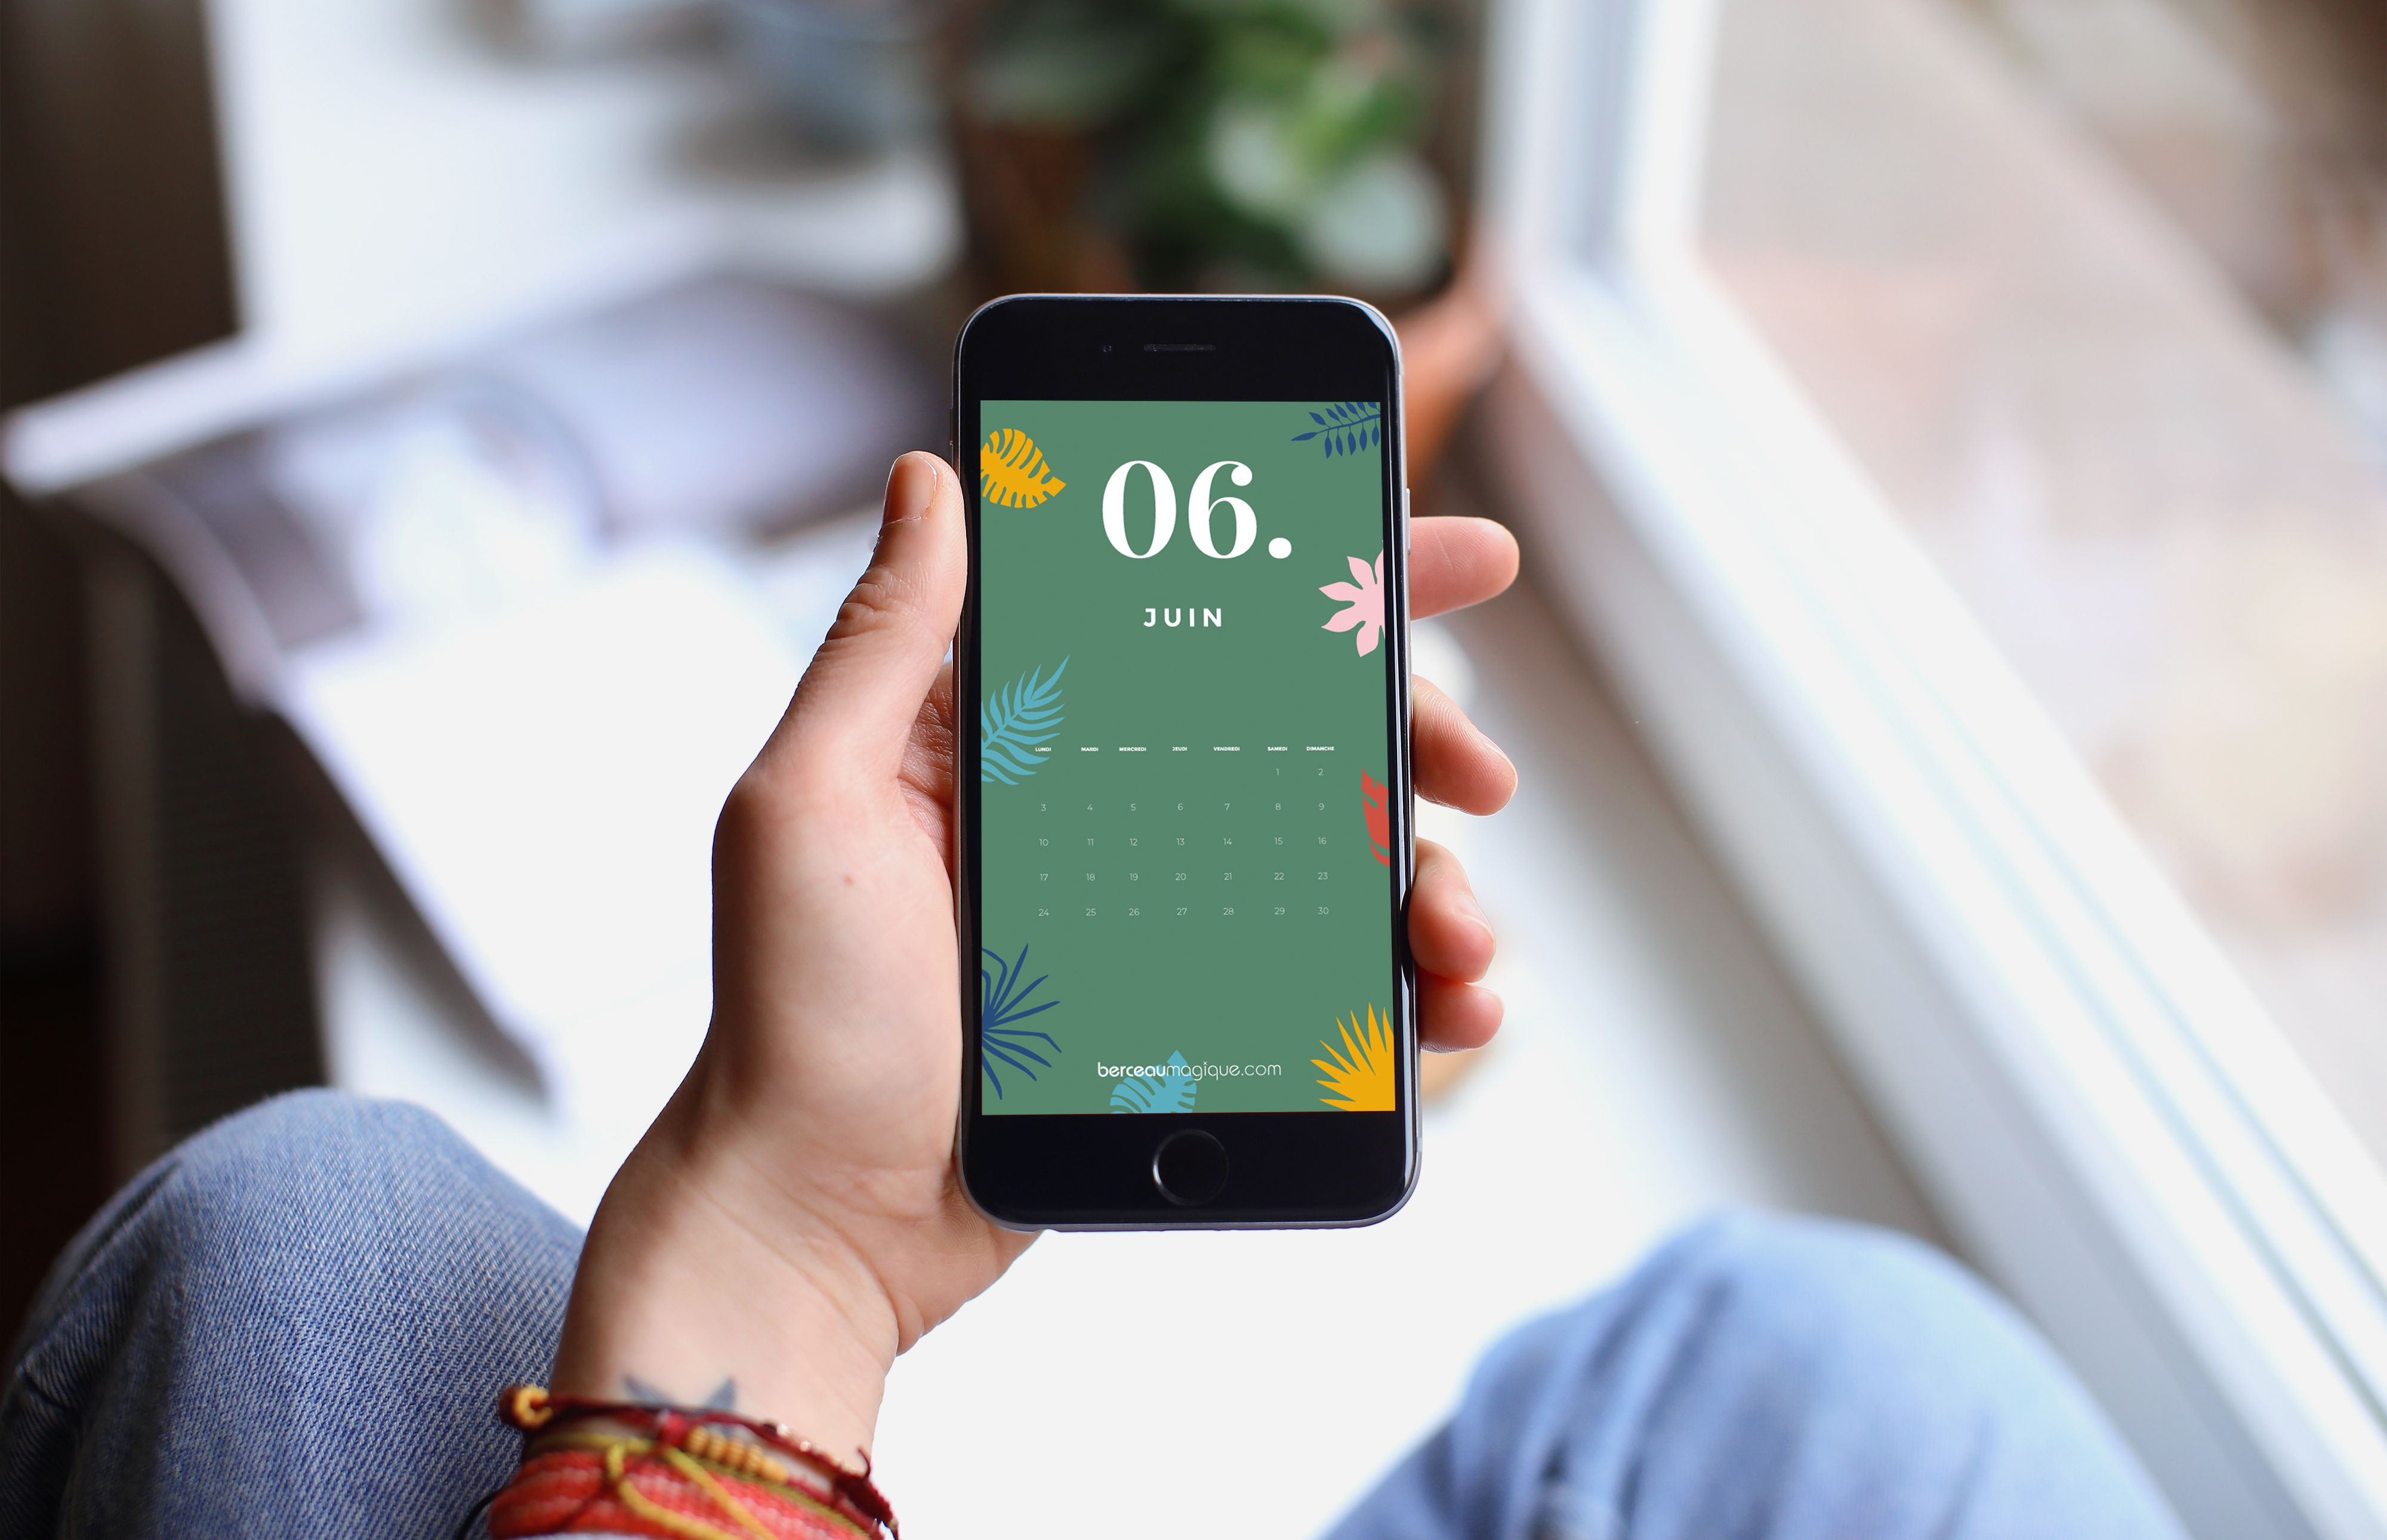 Fond d'écran mobile calendrier juin 2019